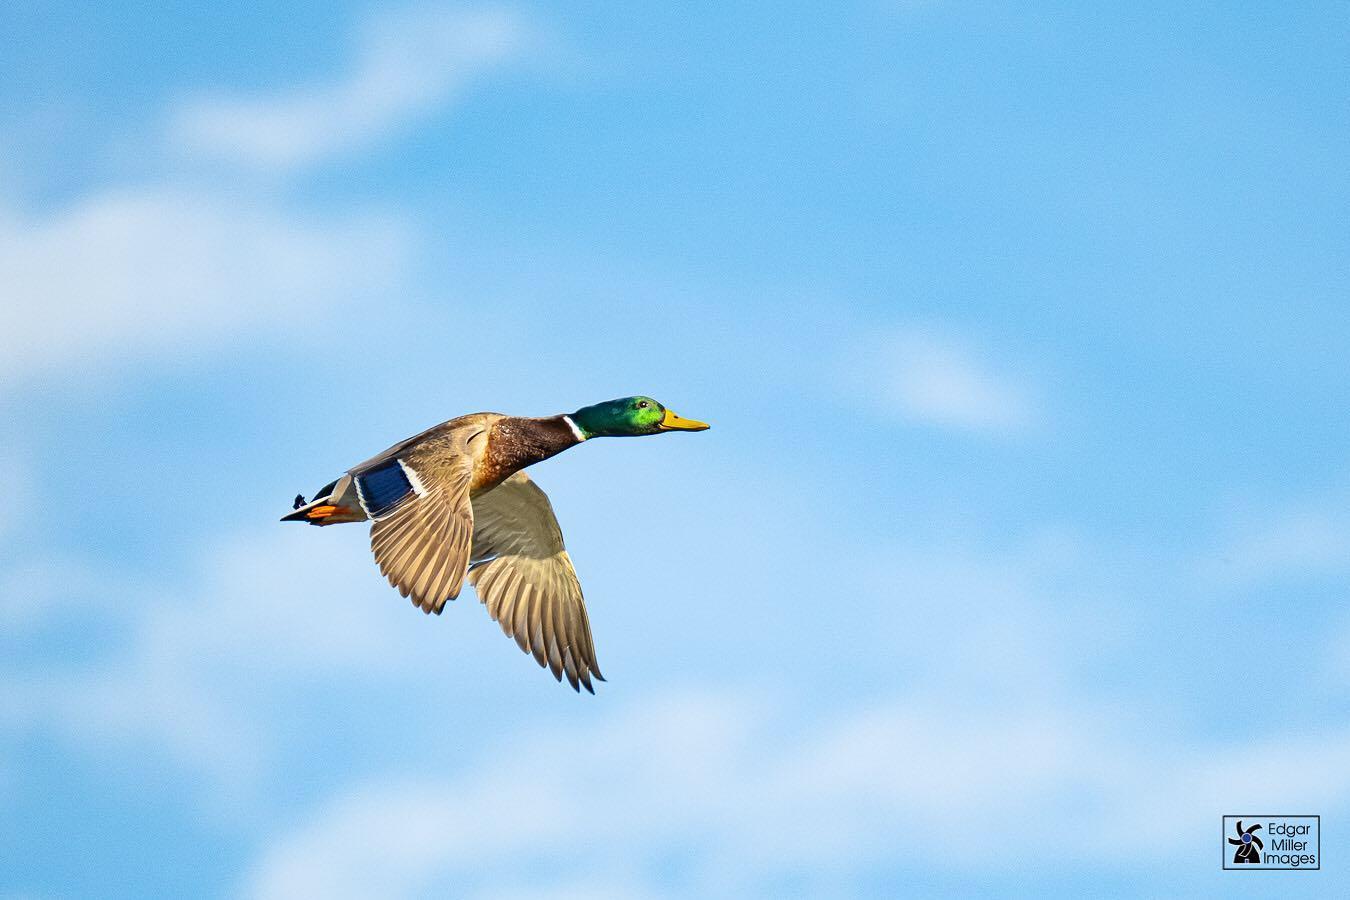 Mallard duck, by Edgar Miller Images